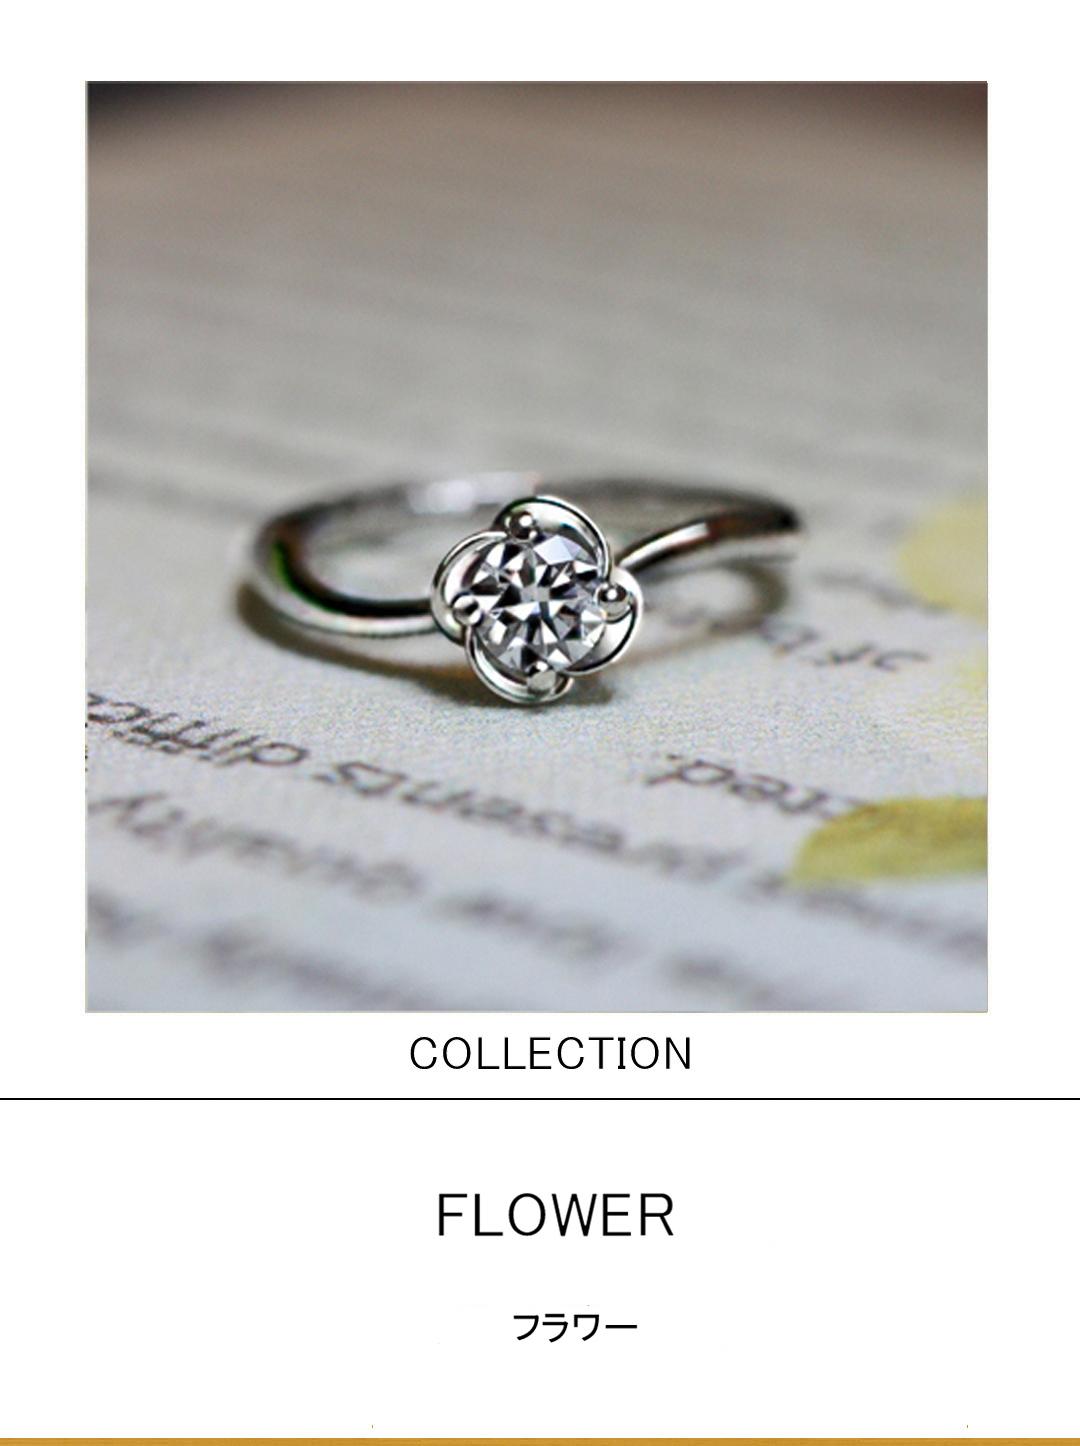 4枚花のダイヤモンドをデザインした婚約指輪プラチナコレクションのサムネイル